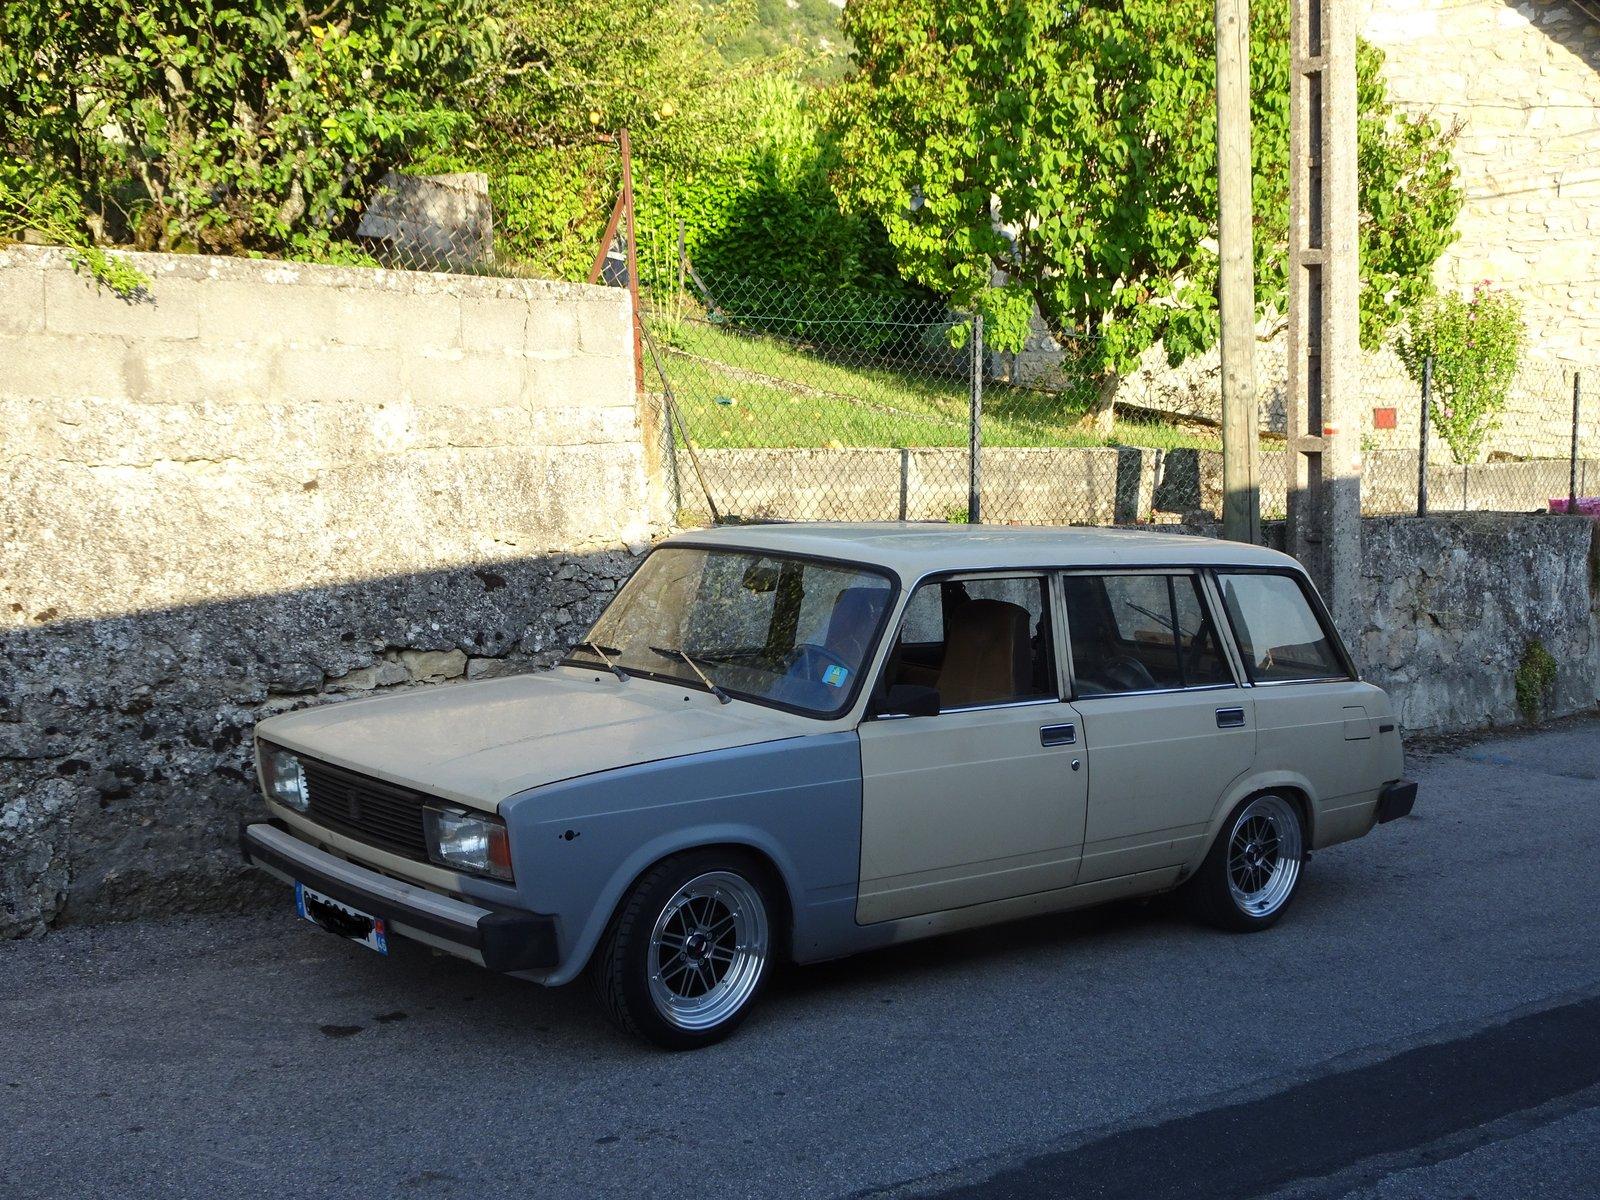 Lada 2104.3 1500GL de 1988 (ex à yoyo) - Page 2 190823090734660343